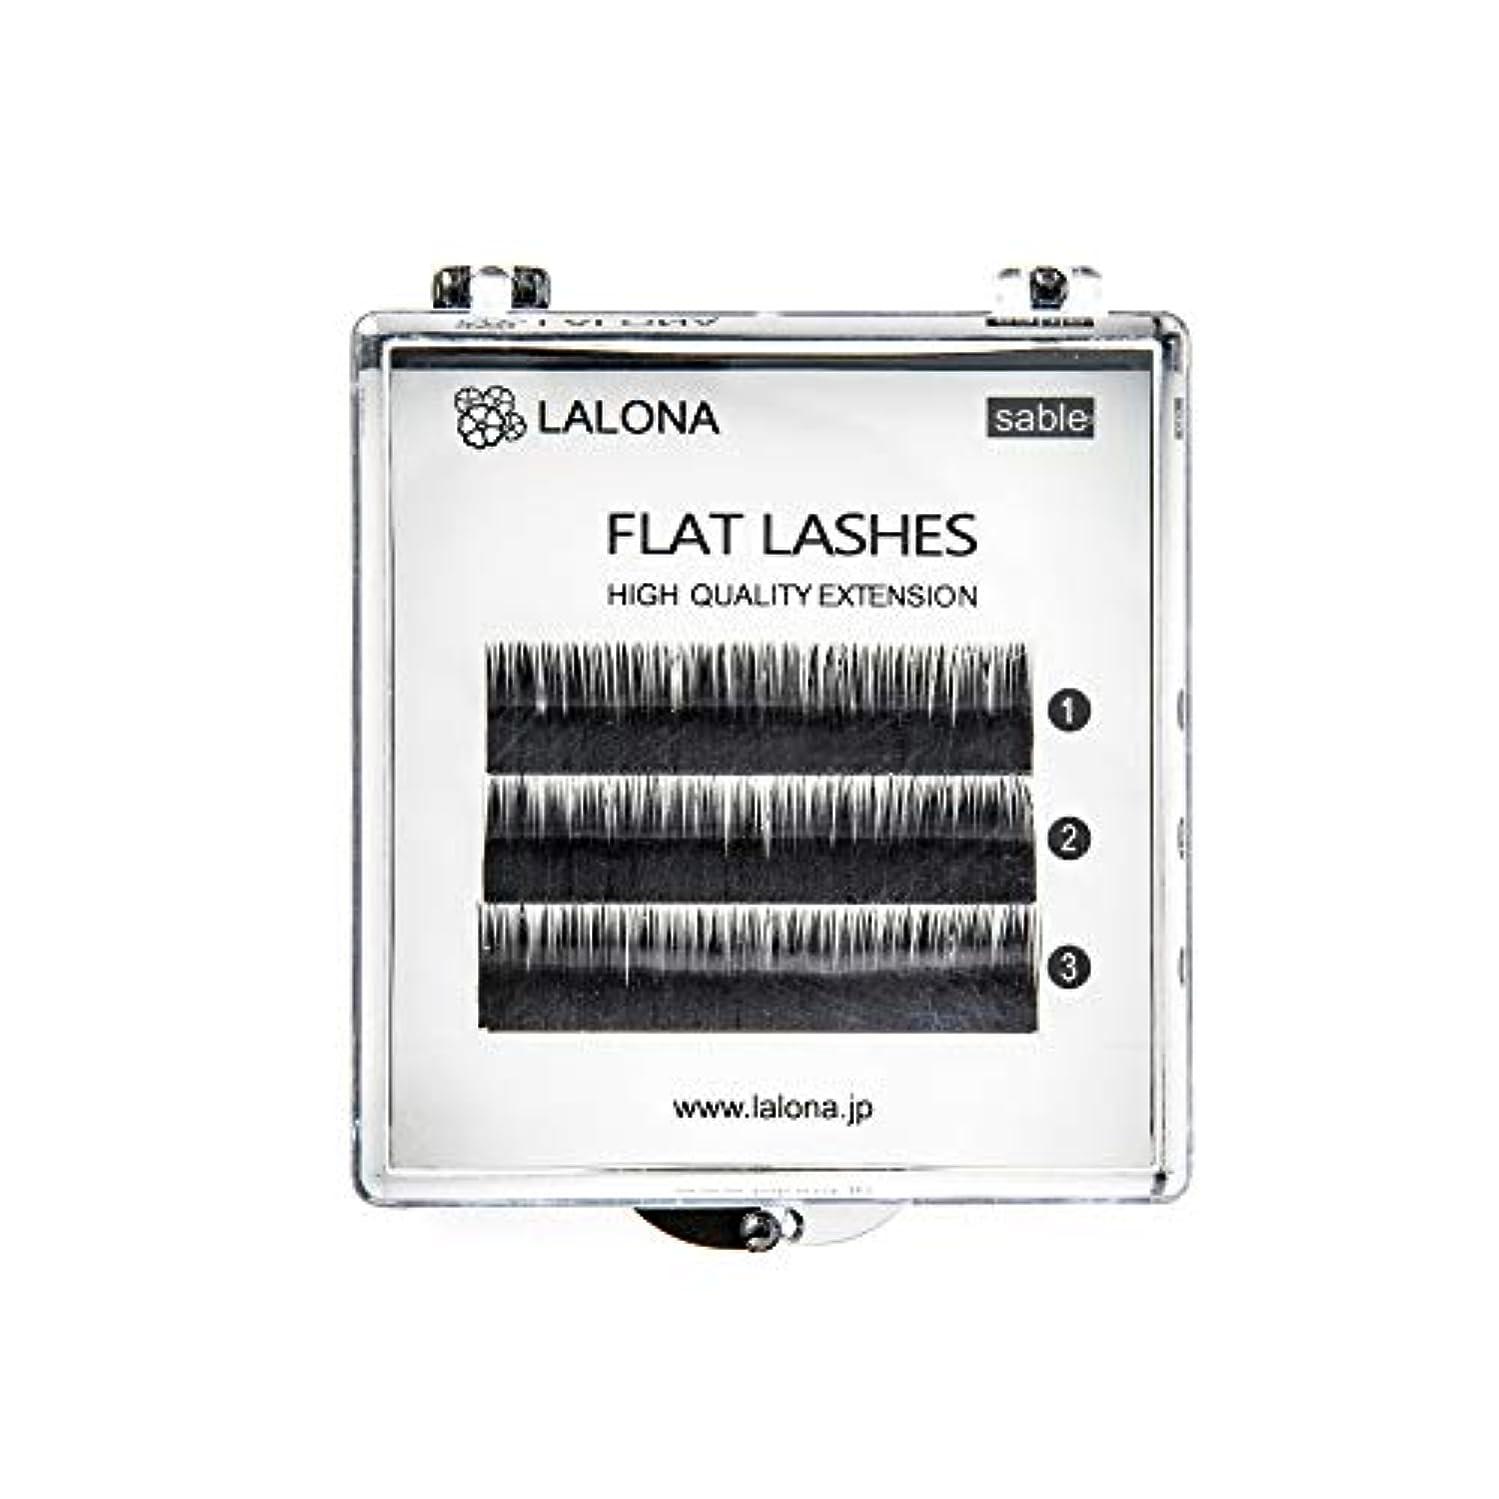 ダースナイロン台無しにLALONA [ ラローナ ] フラットラッシュ (BLK) (3列) まつげエクステ 平面加工 Lディテール ブラック (Cカール 0.1 / 10mm)